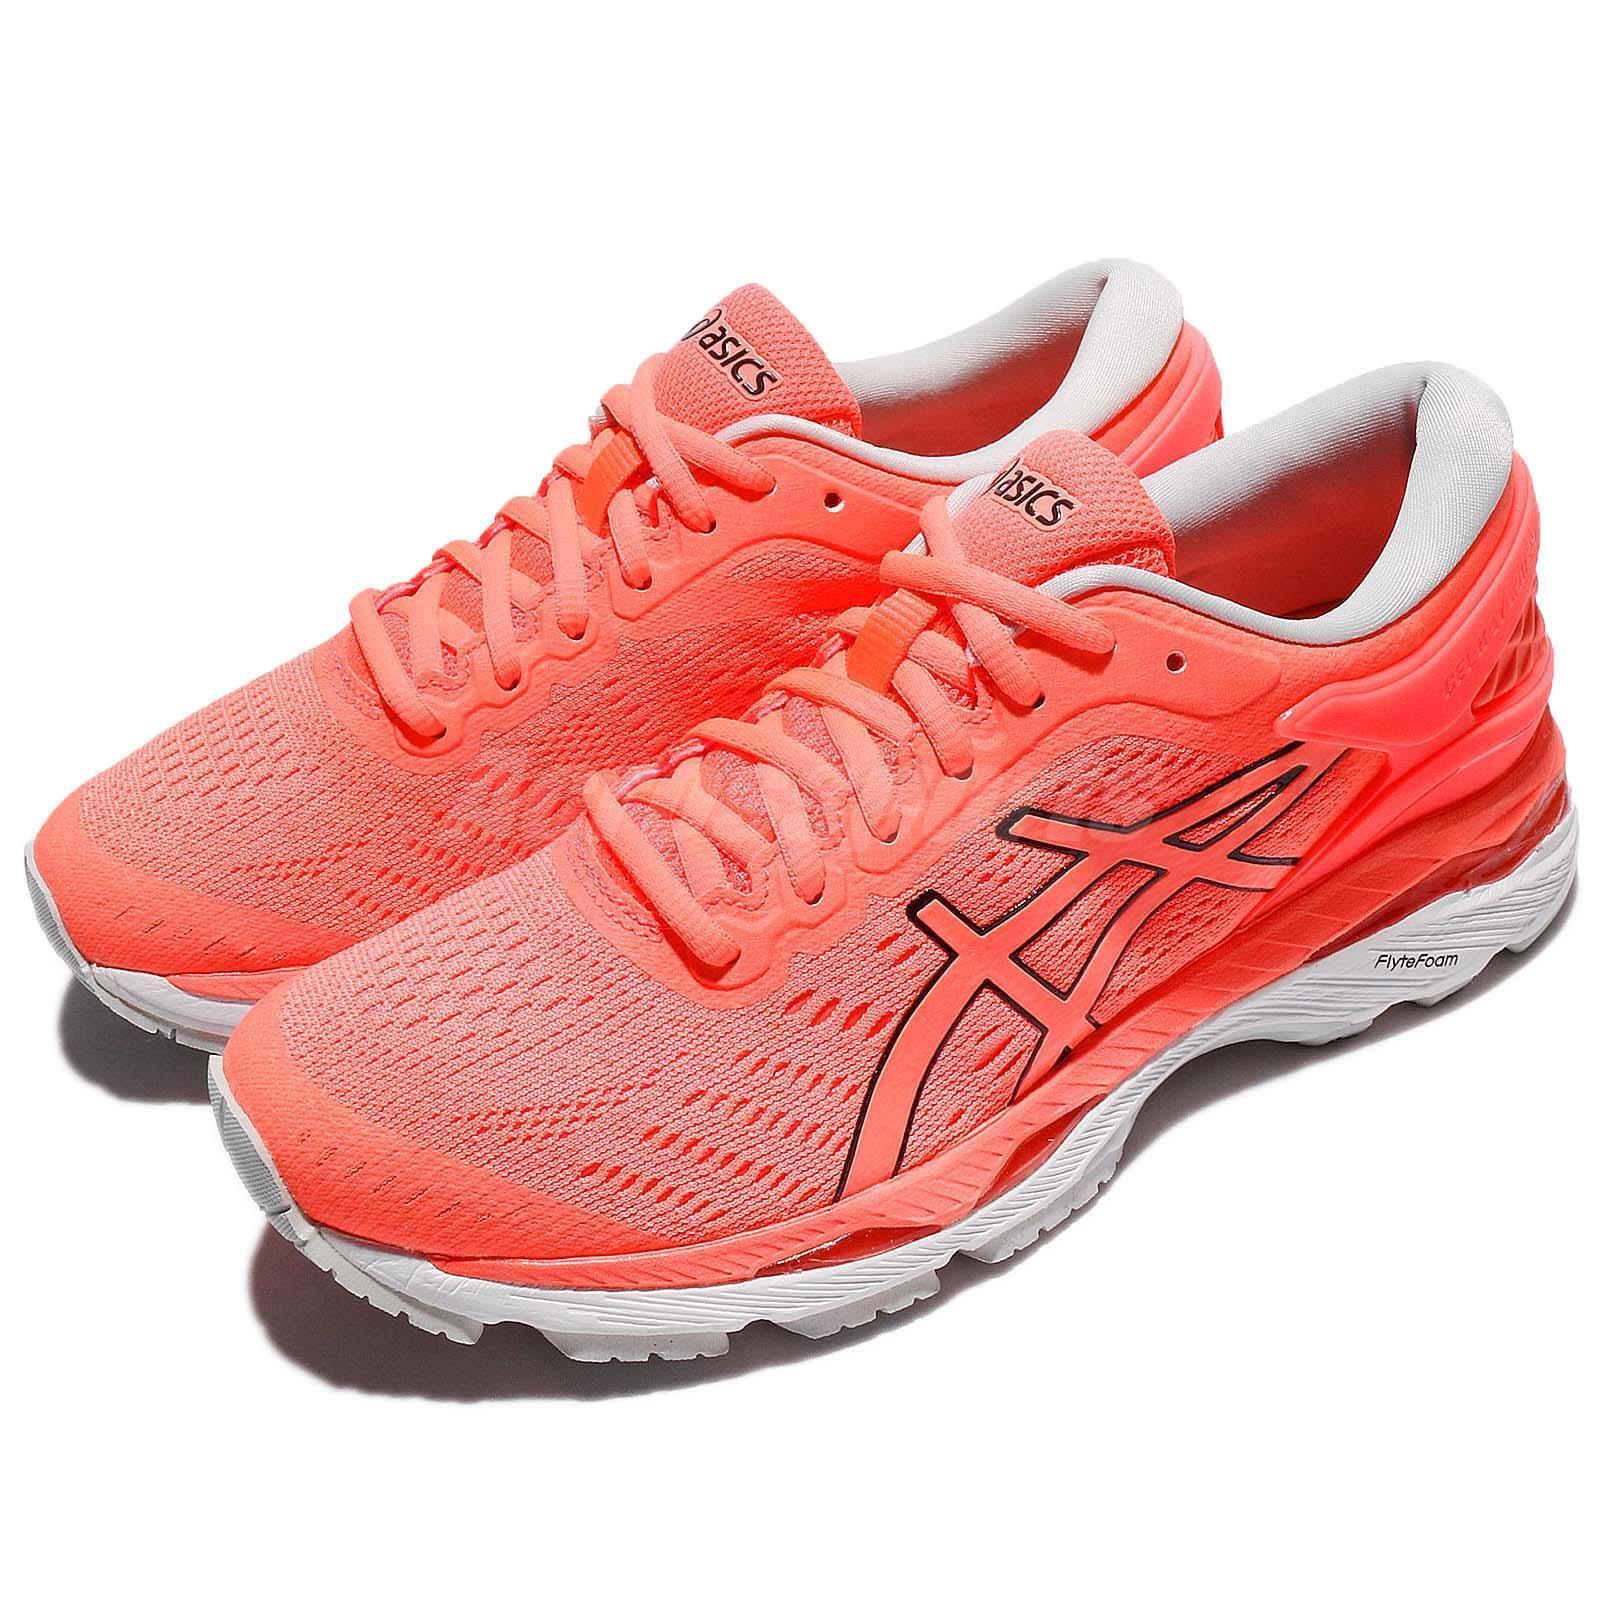 Asics Gel-Kayano 24 Flash Coral Blanc Women Running Chaussures Baskets T799N-0690